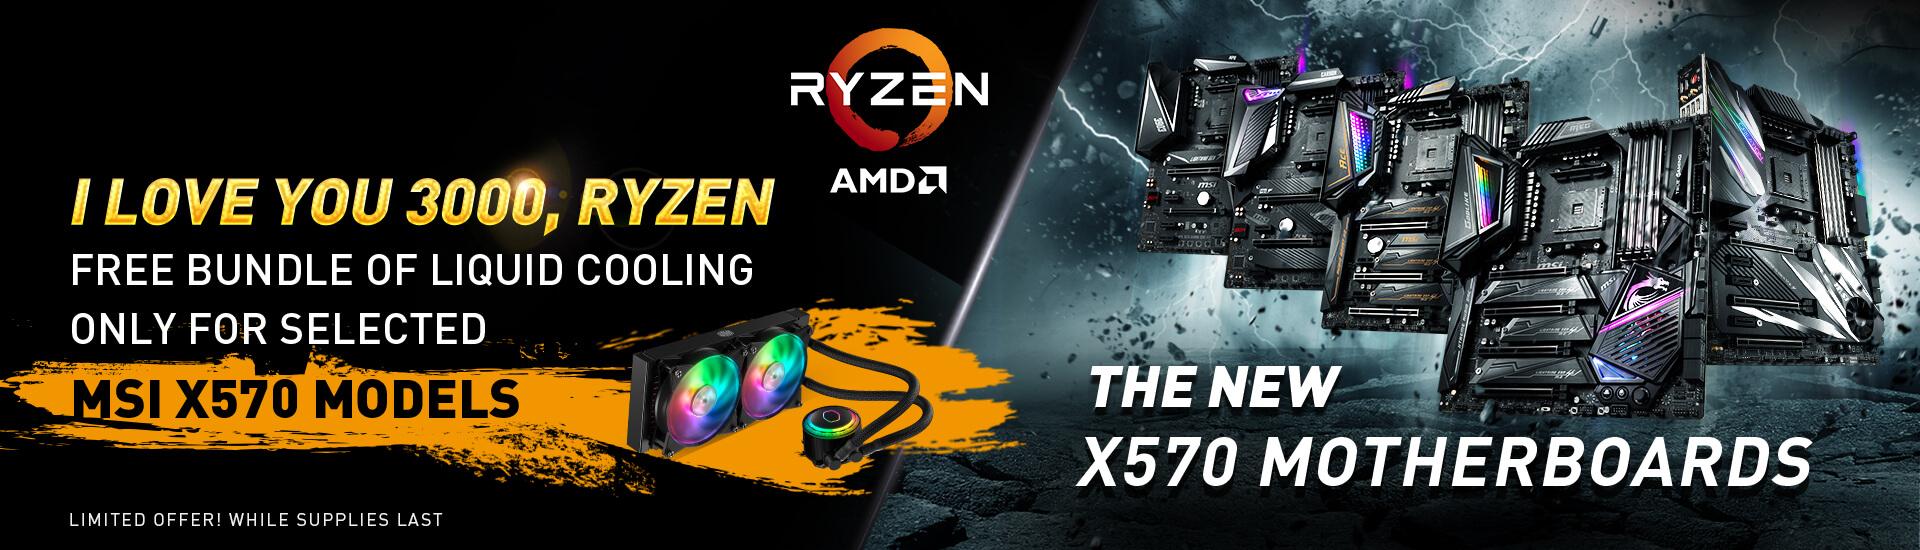 I Love you 3000 Ryzen | AMD 3rd Gen, X570 AM4 Motherboard